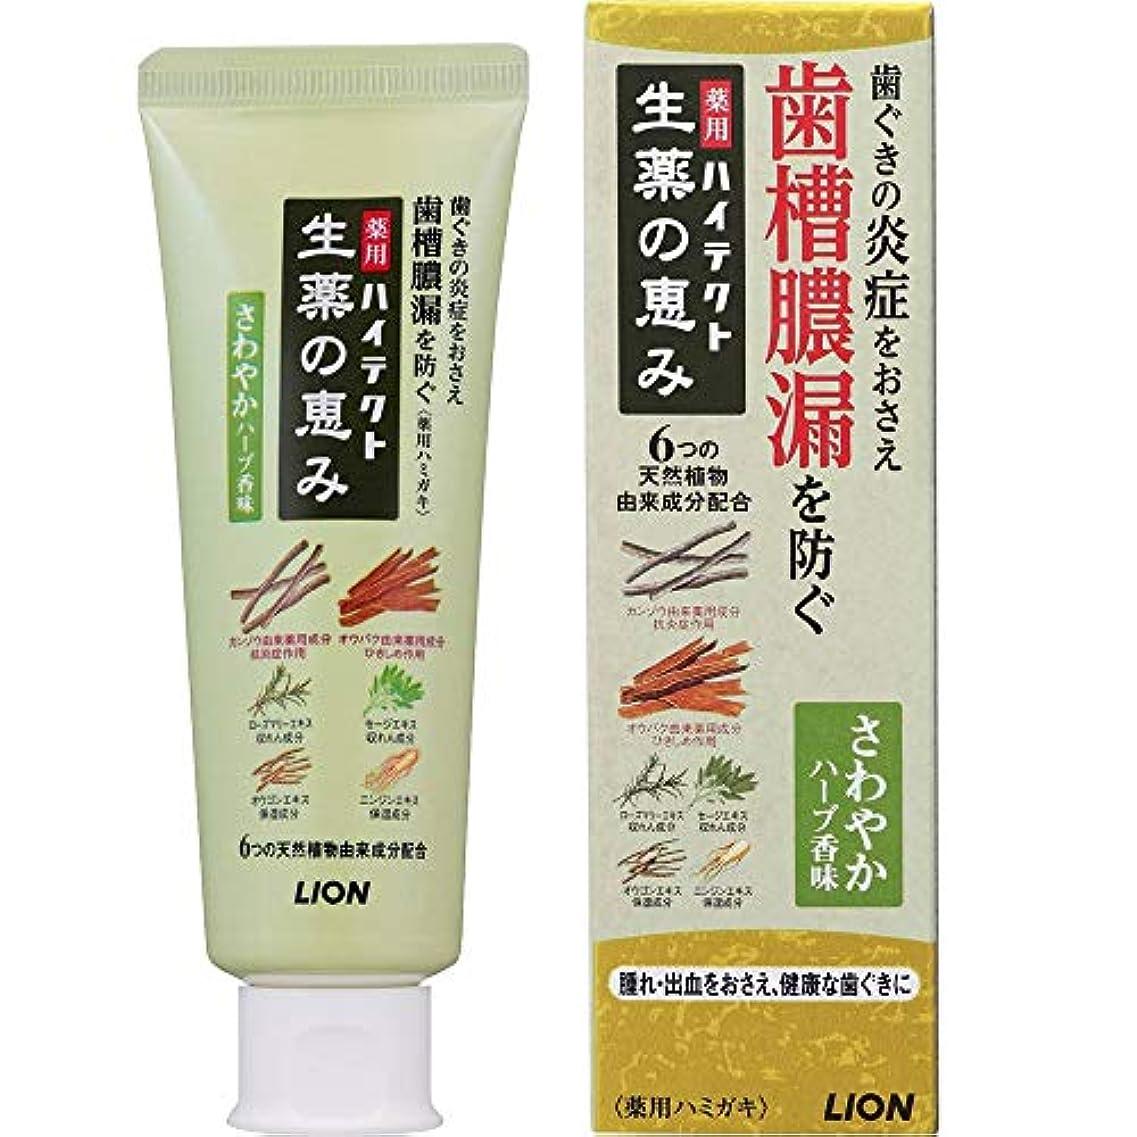 トレッドさわやか茎薬用ハイテクト生薬の恵み さわやかハーブ香味 90g